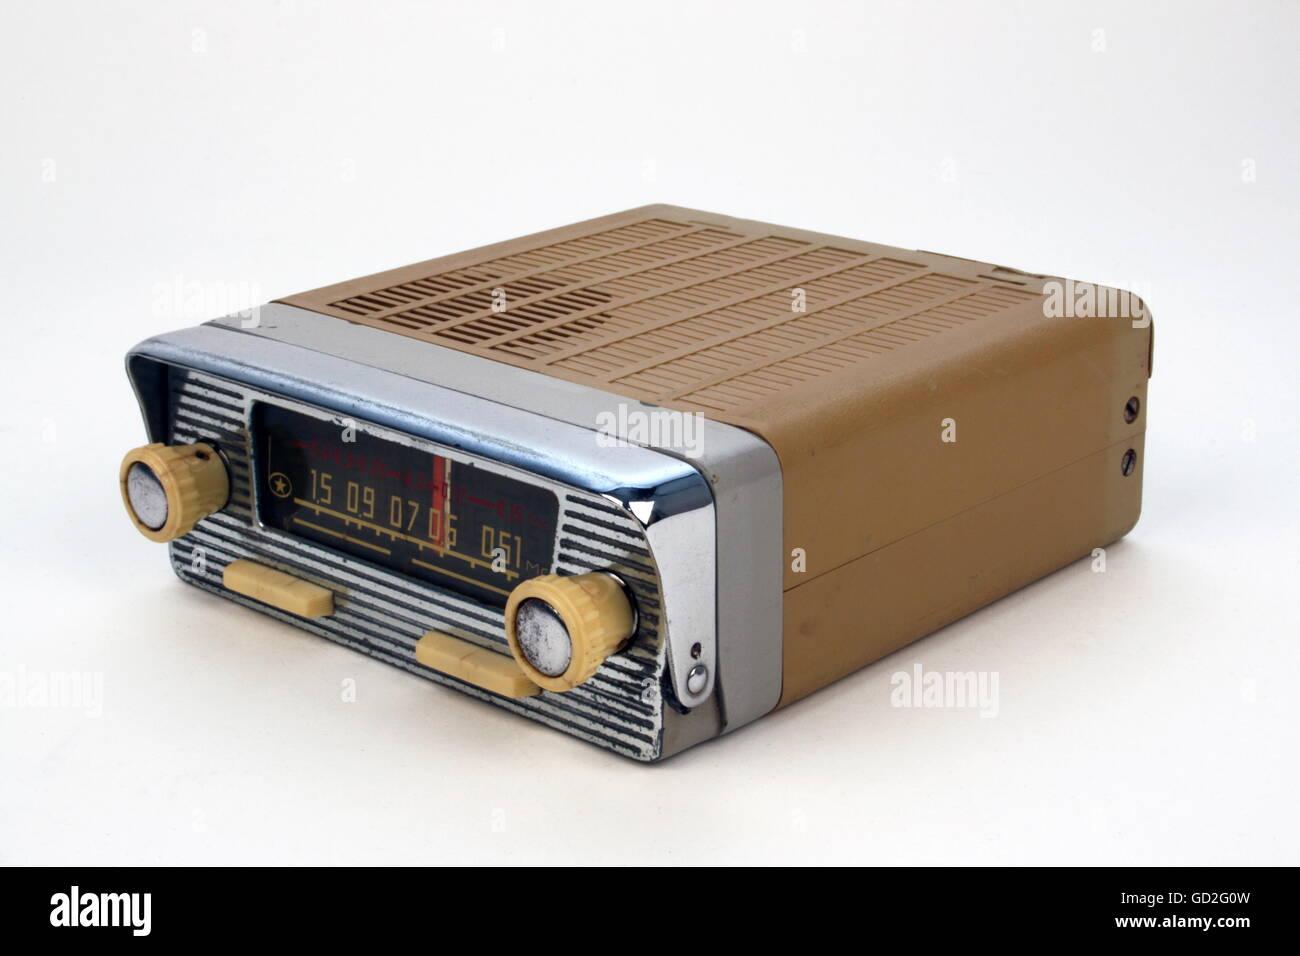 ausgestrahlt, radio, radio Set, tragbarer Autoradio Berlin A 110, Design: Design von Fabrik, Empfangsbereich: MW/LW, Stockbild